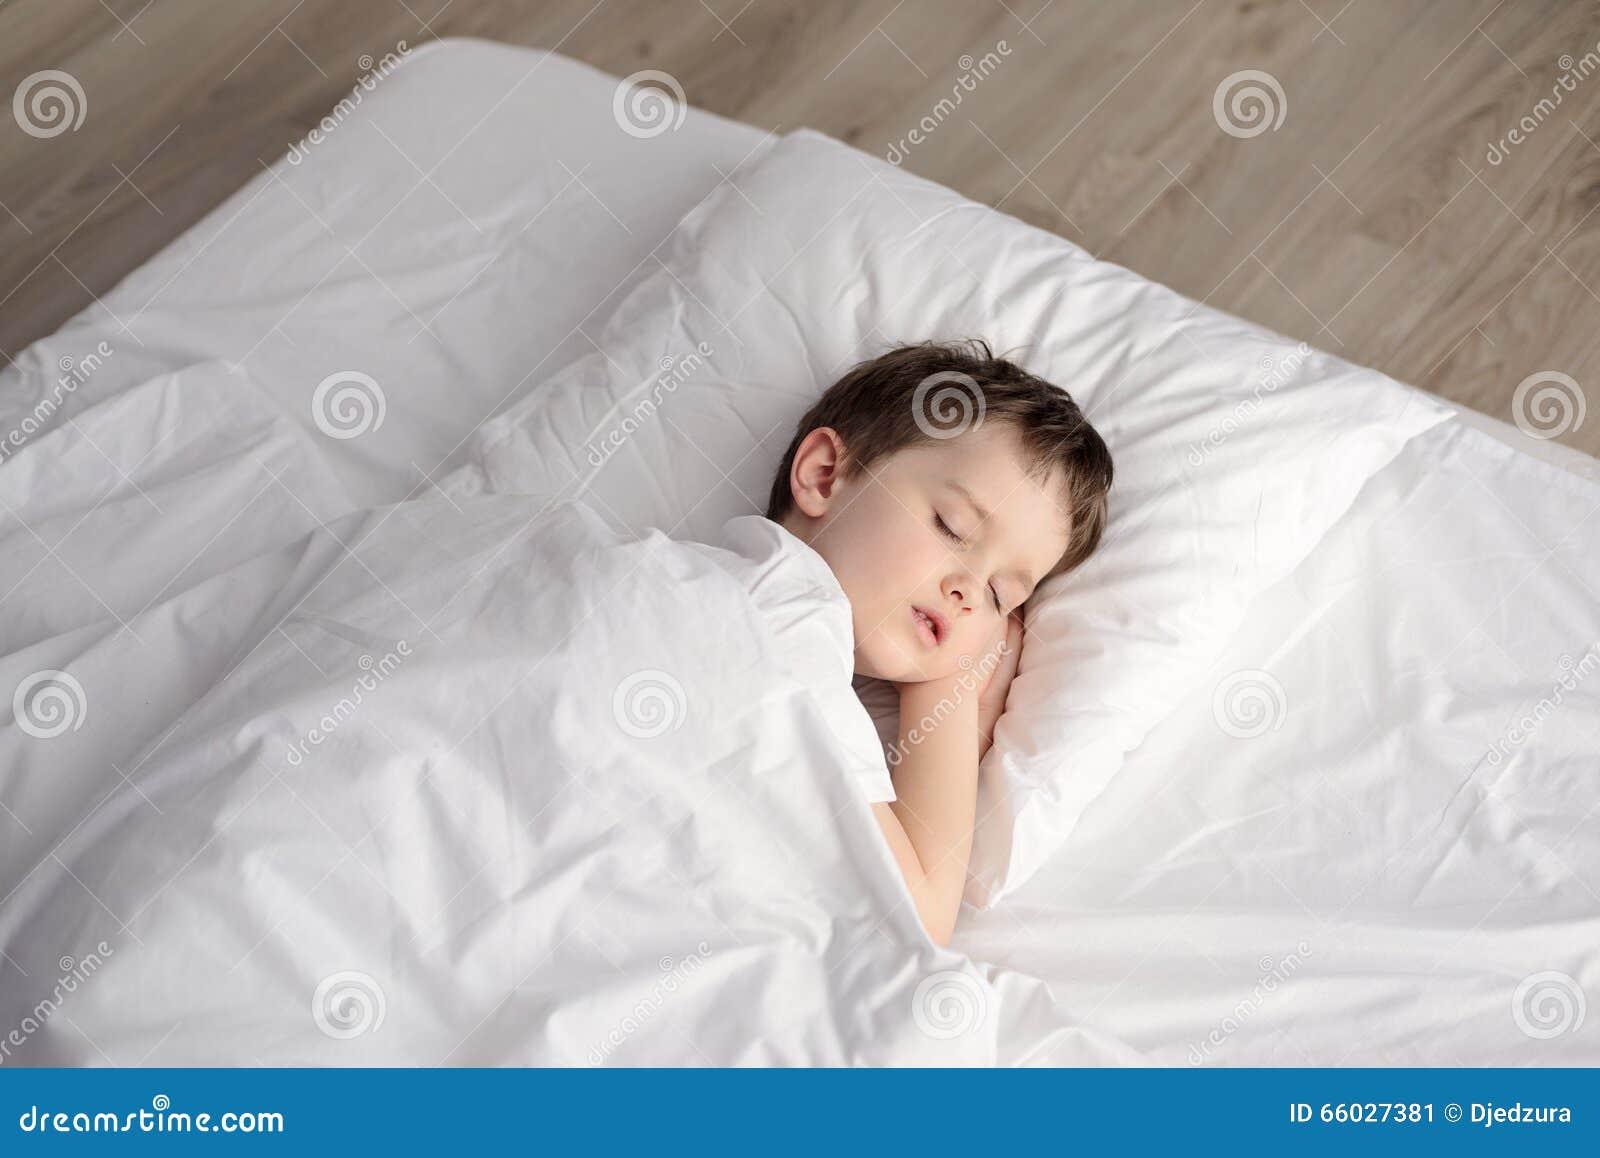 Брат с сестрой спят в спальне